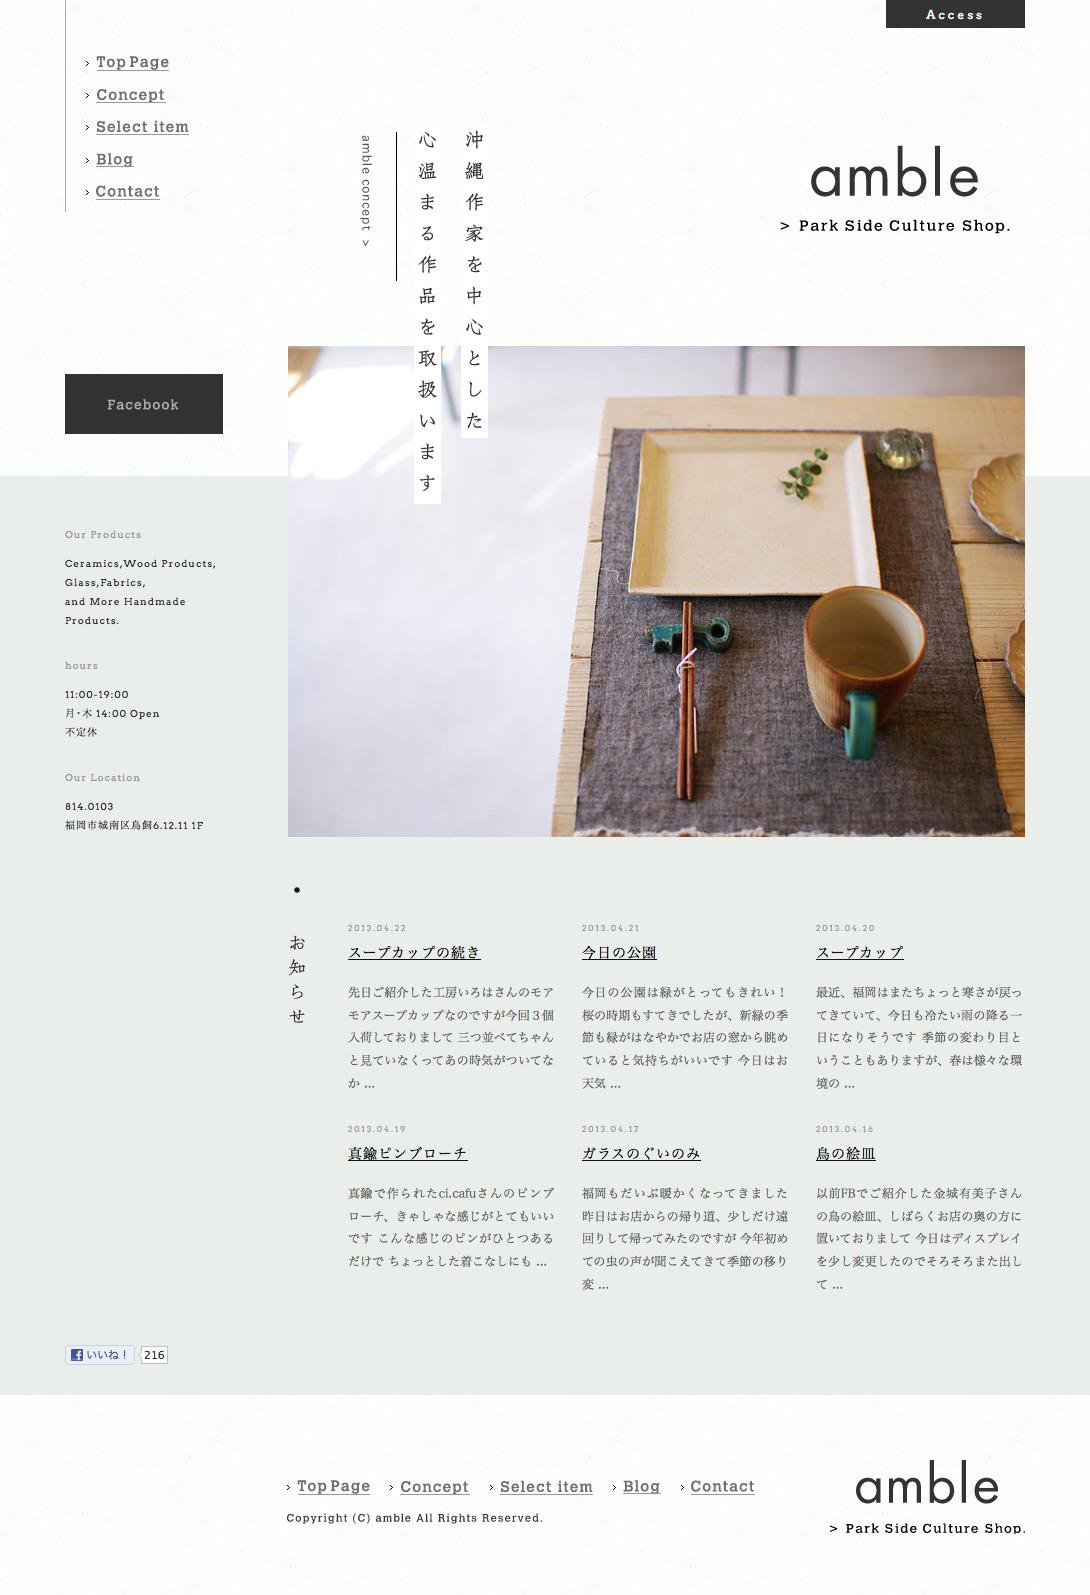 amble|沖縄作家を中心としたセレクトショップ